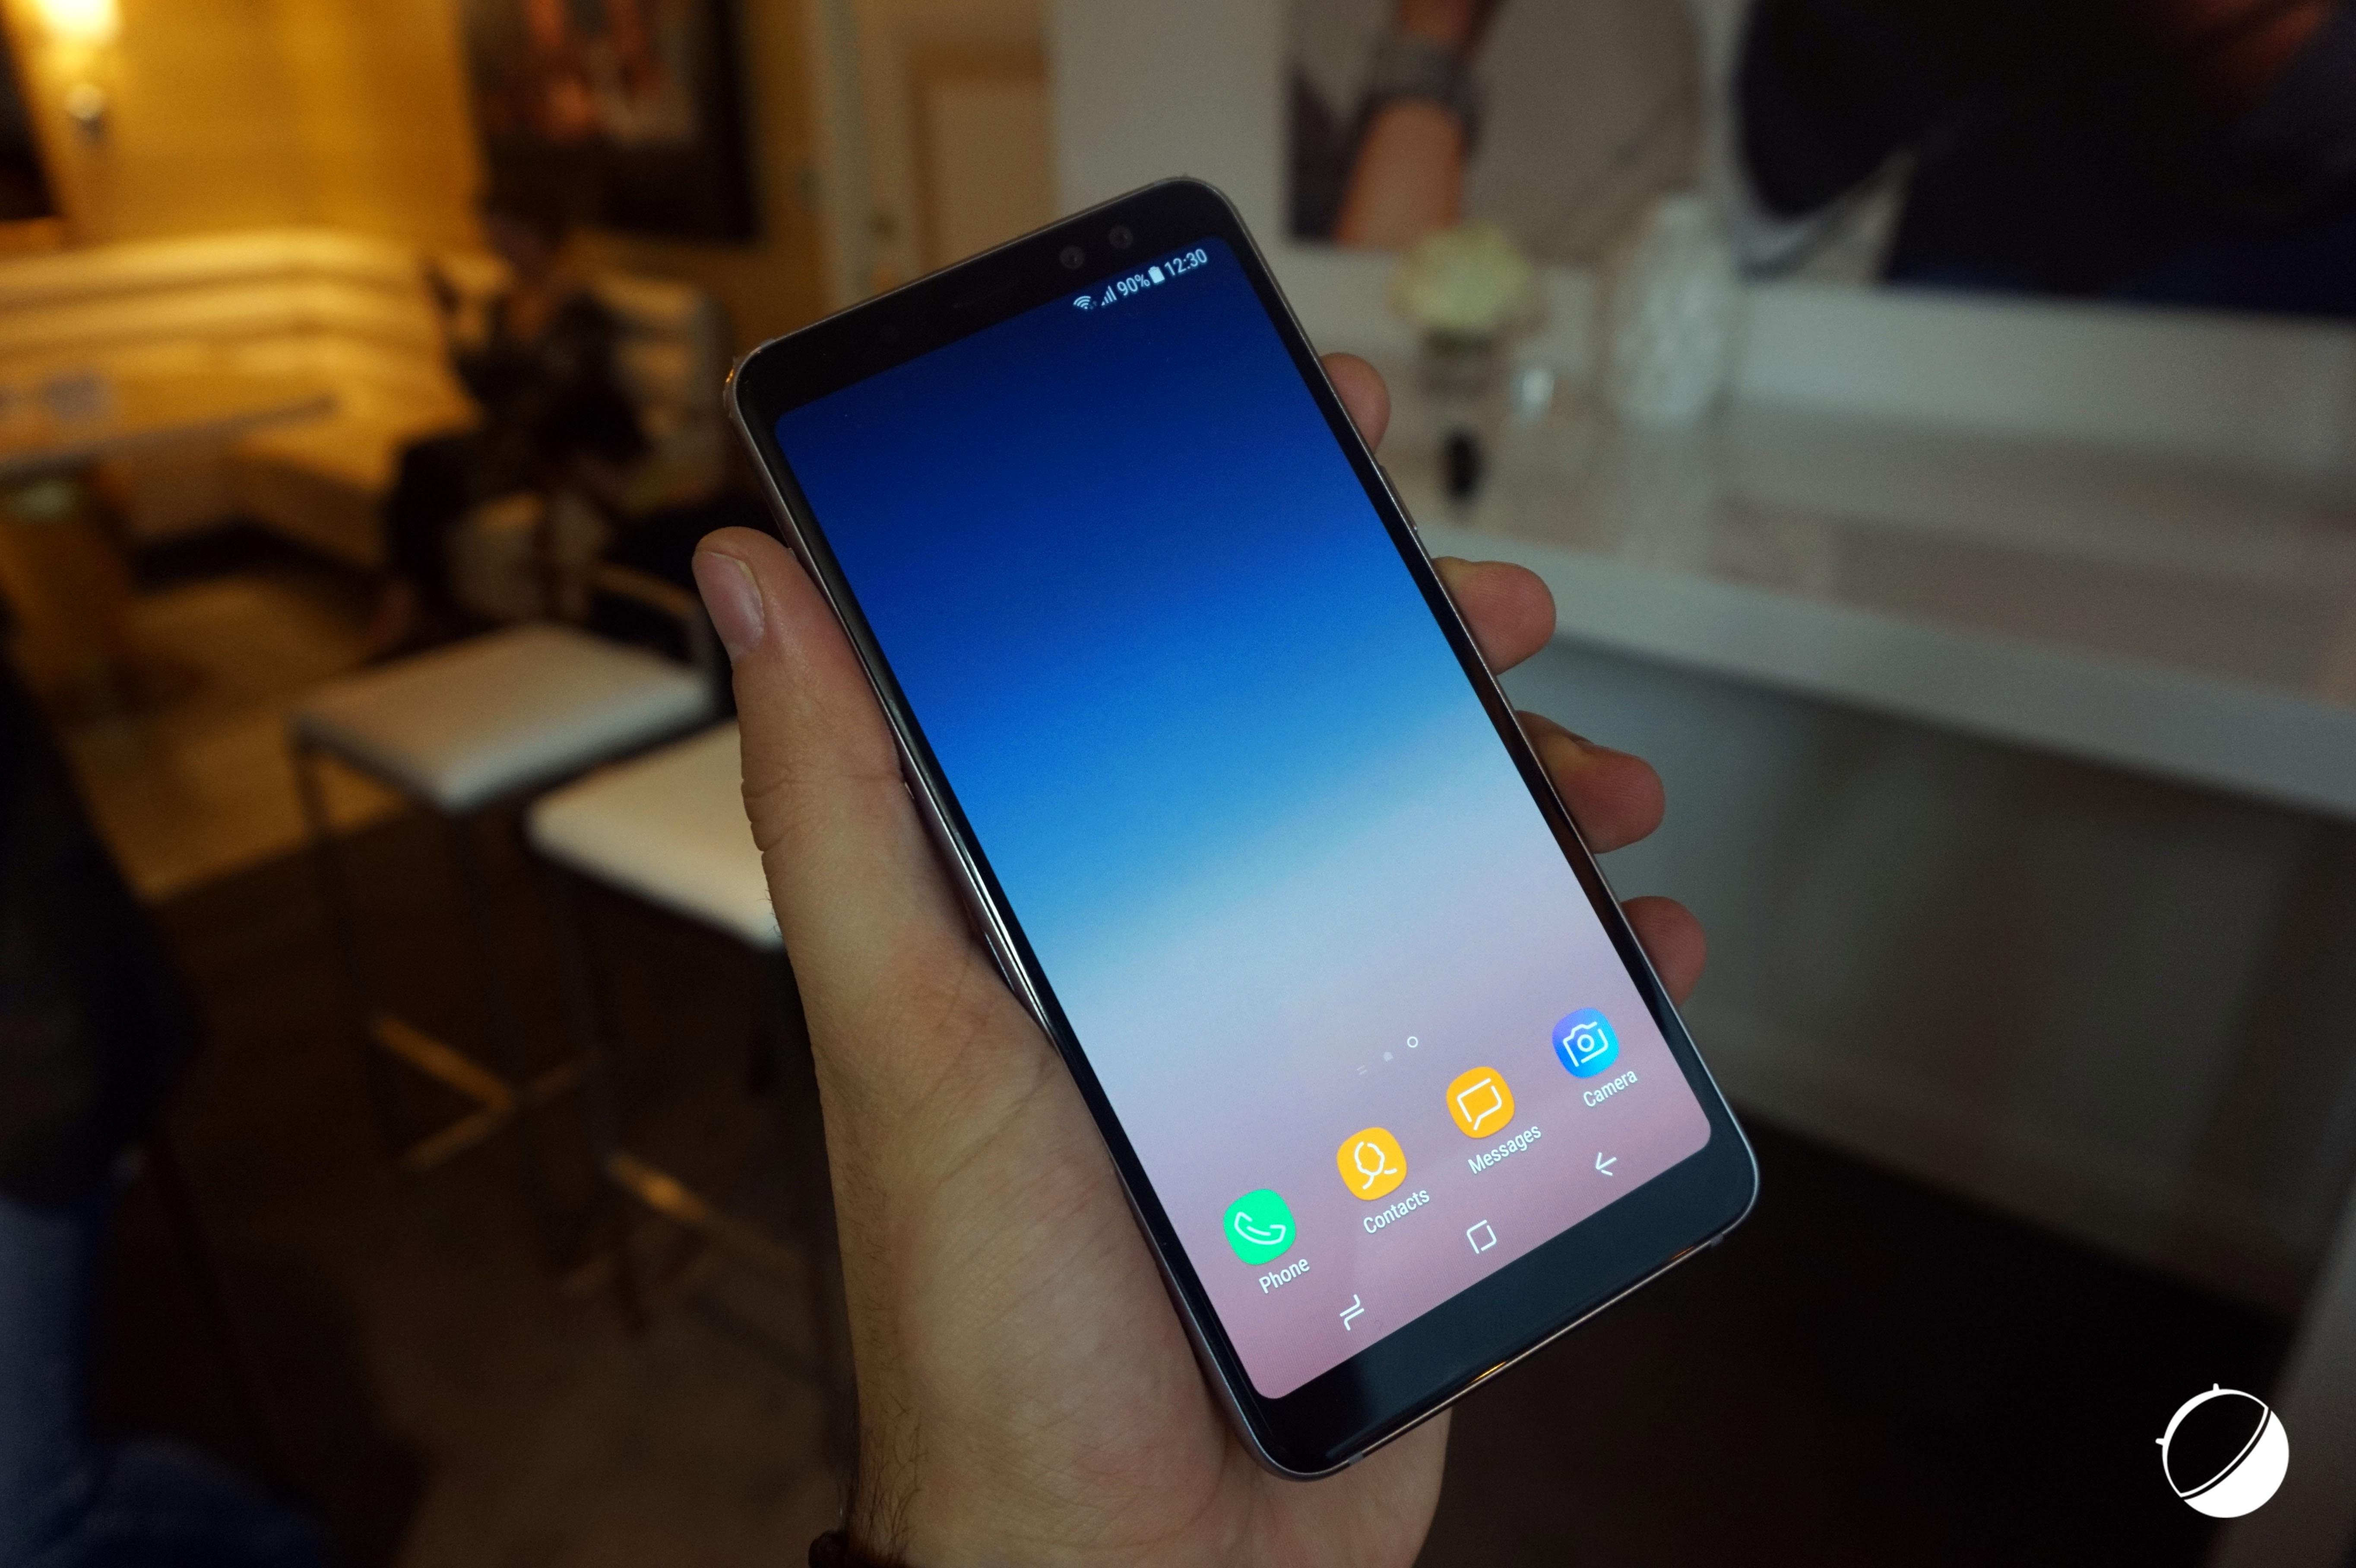 Unboxing du Samsung Galaxy A8 2018, un milieu de gamme équilibré